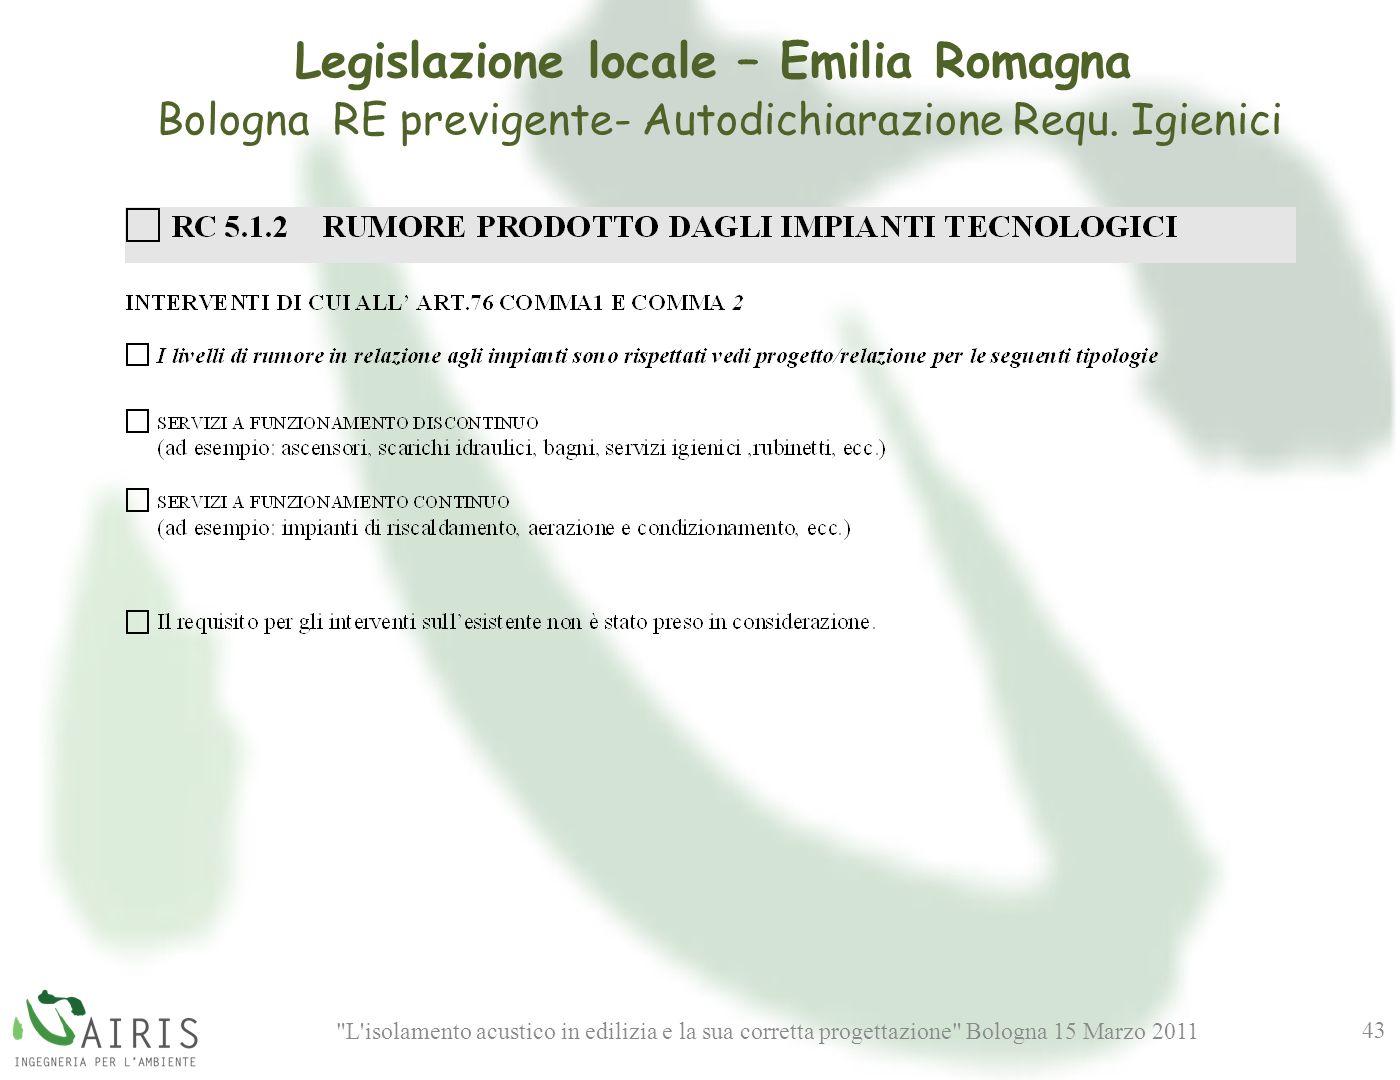 L isolamento acustico in edilizia e la sua corretta progettazione Bologna 15 Marzo 2011 43 Legislazione locale – Emilia Romagna Bologna RE previgente- Autodichiarazione Requ.